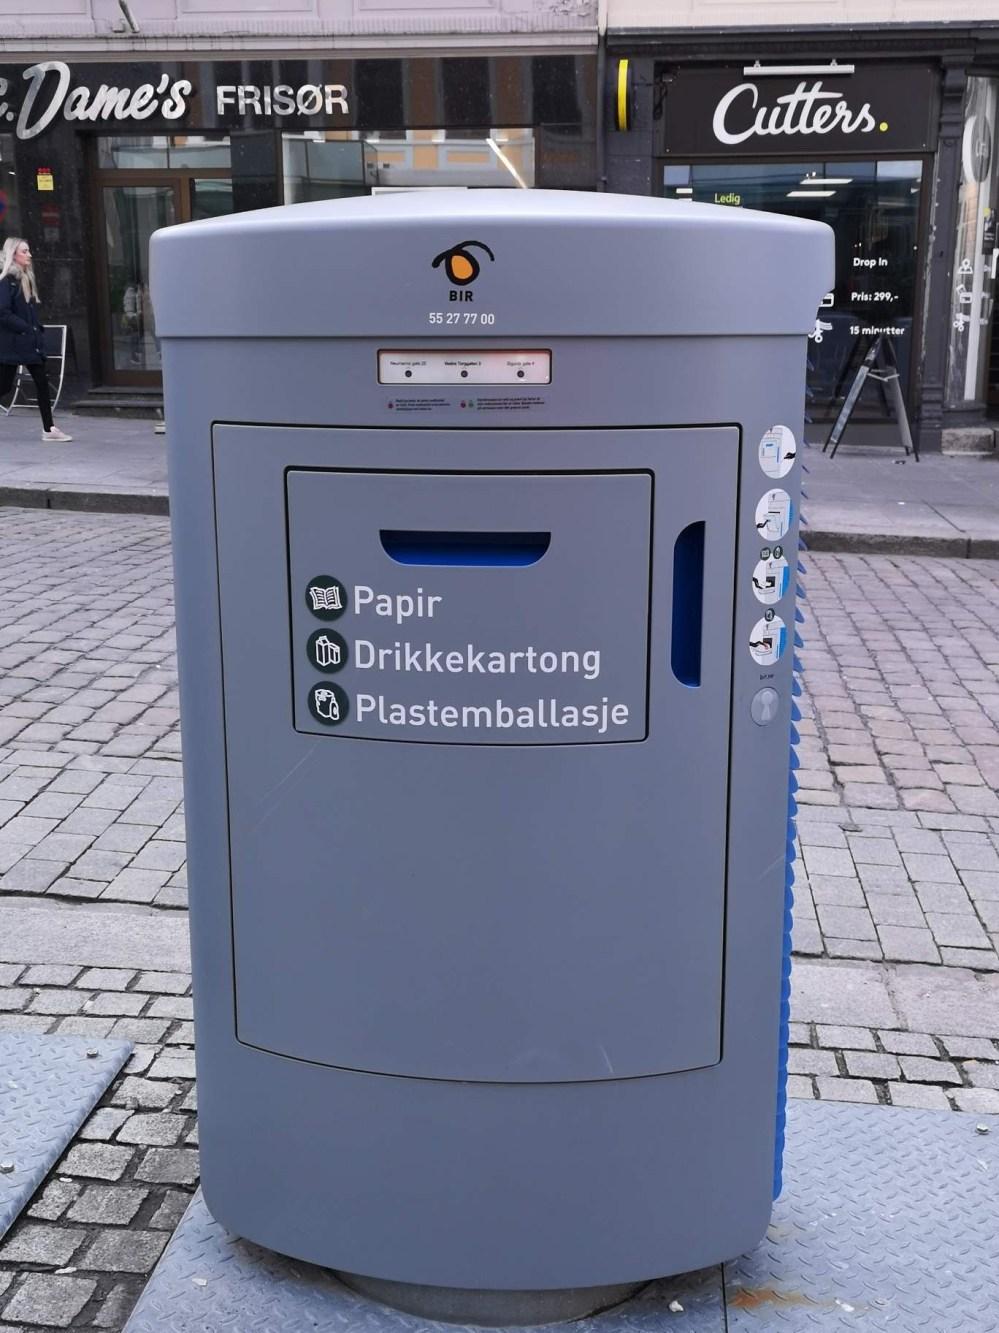 北歐(丹麥,瑞典,挪威) 21天自駕遊 [20190411 (第12天)] – ricmak84c.wordpress.com